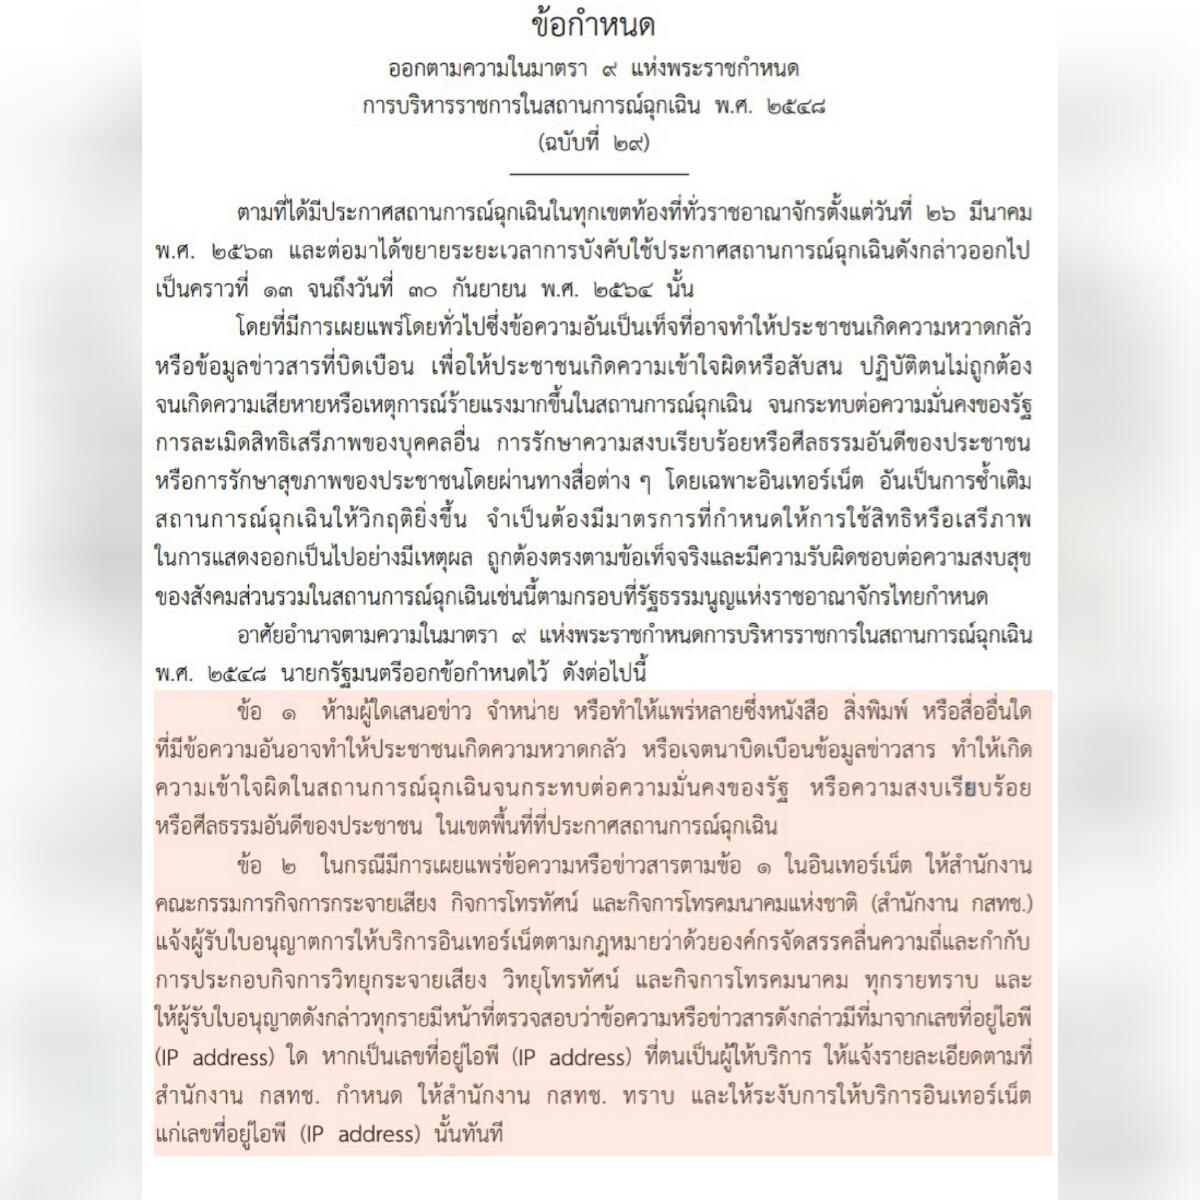 พ.ร.ก.ฉุกเฉิน มาตรา9 ฉบับที่ 29